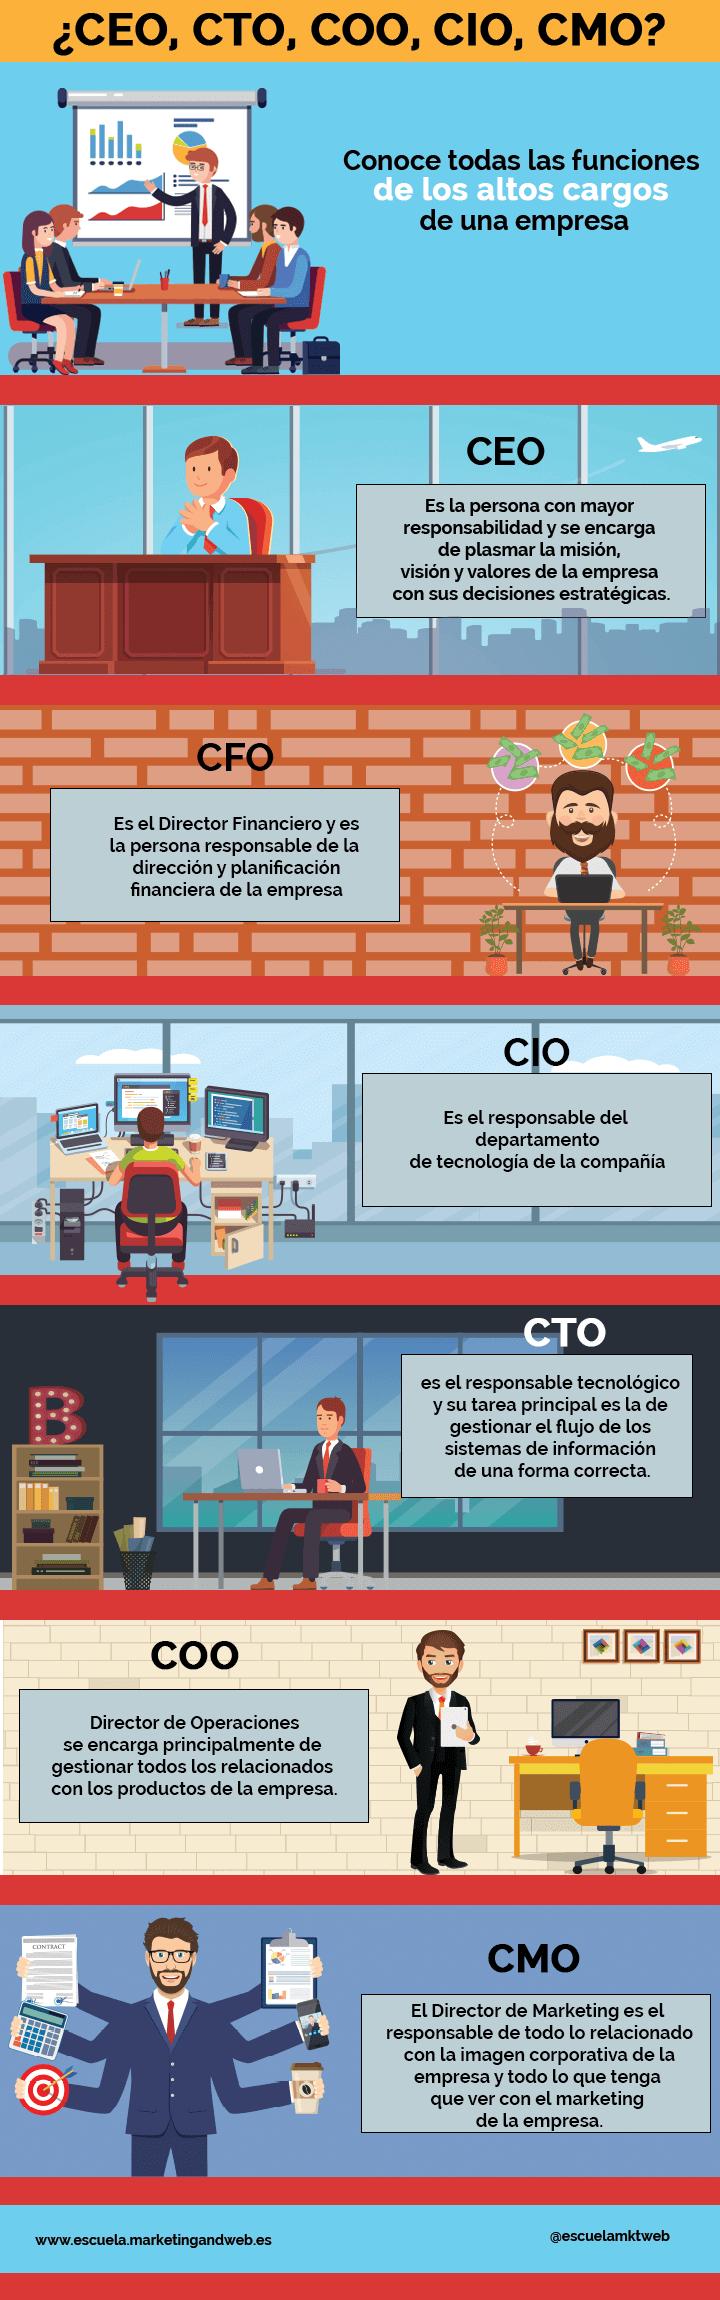 infografia que significan las siglas ceo cio cto coo cmo coo de los altos cargos en empresas